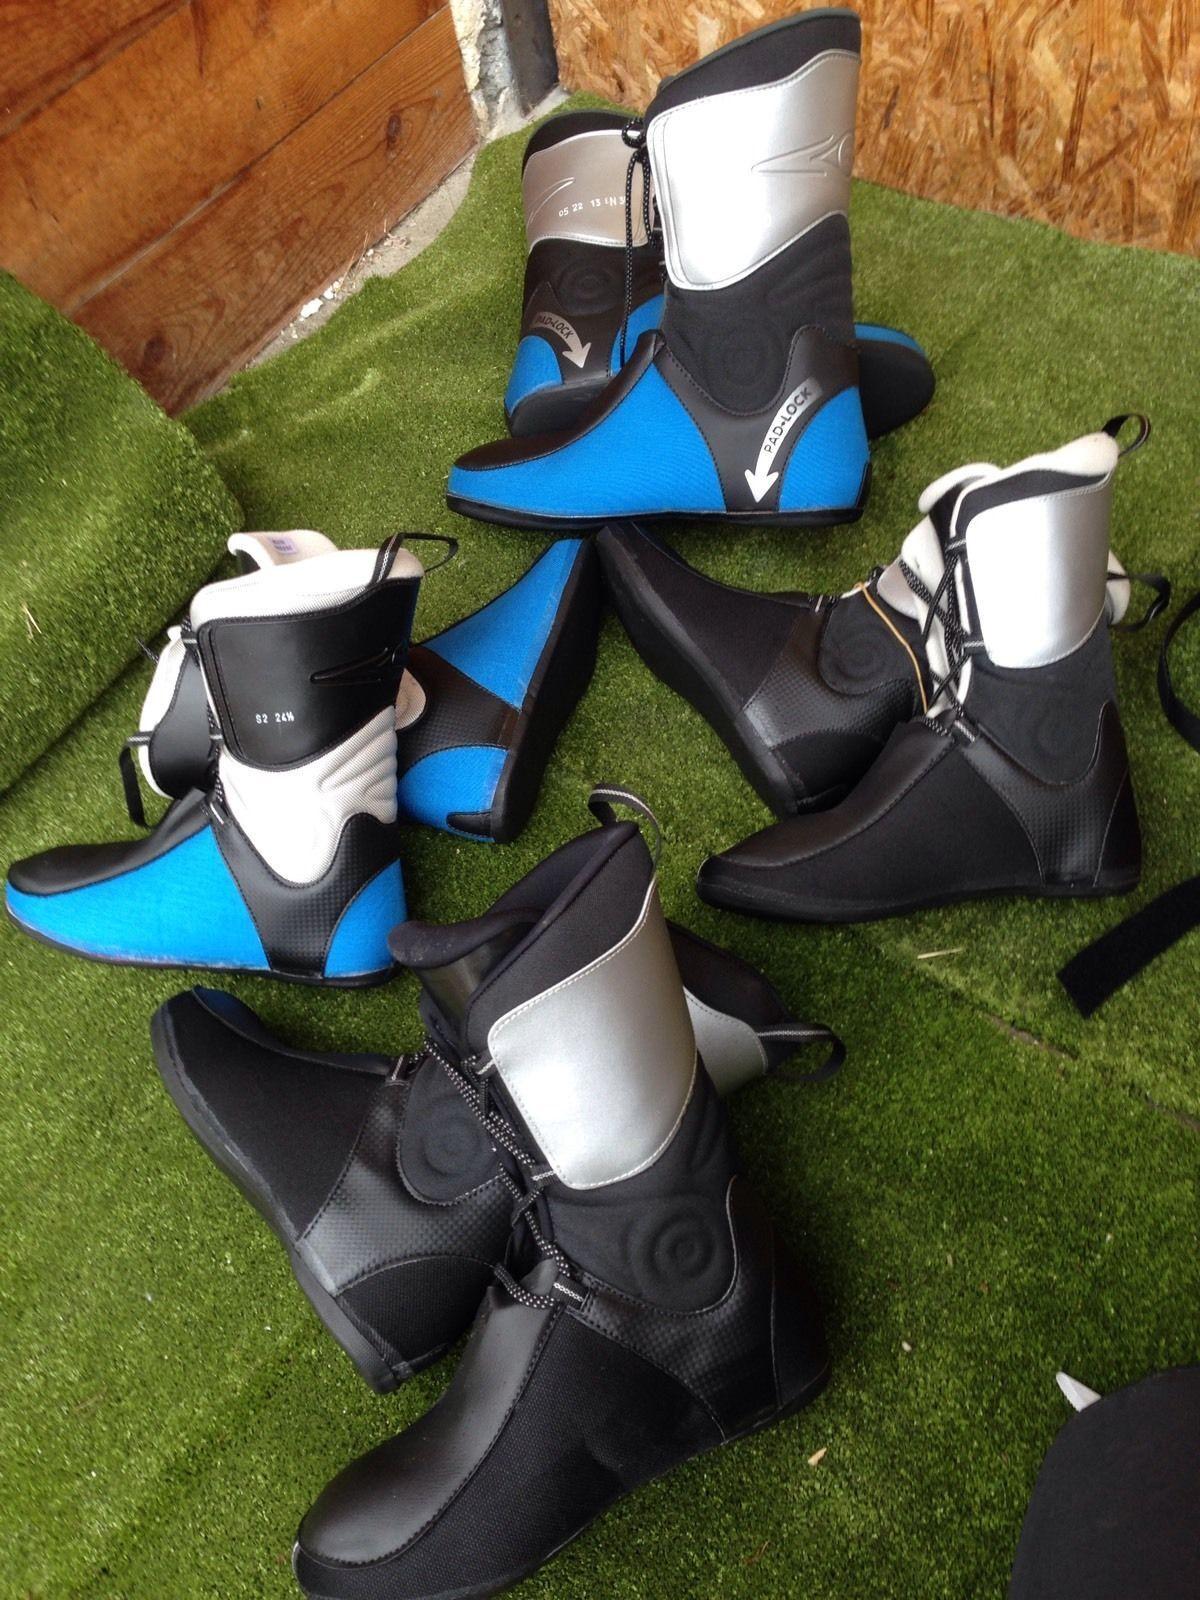 shoestte tradizionali per scarponi da sci alpino liners for alpine ski boots